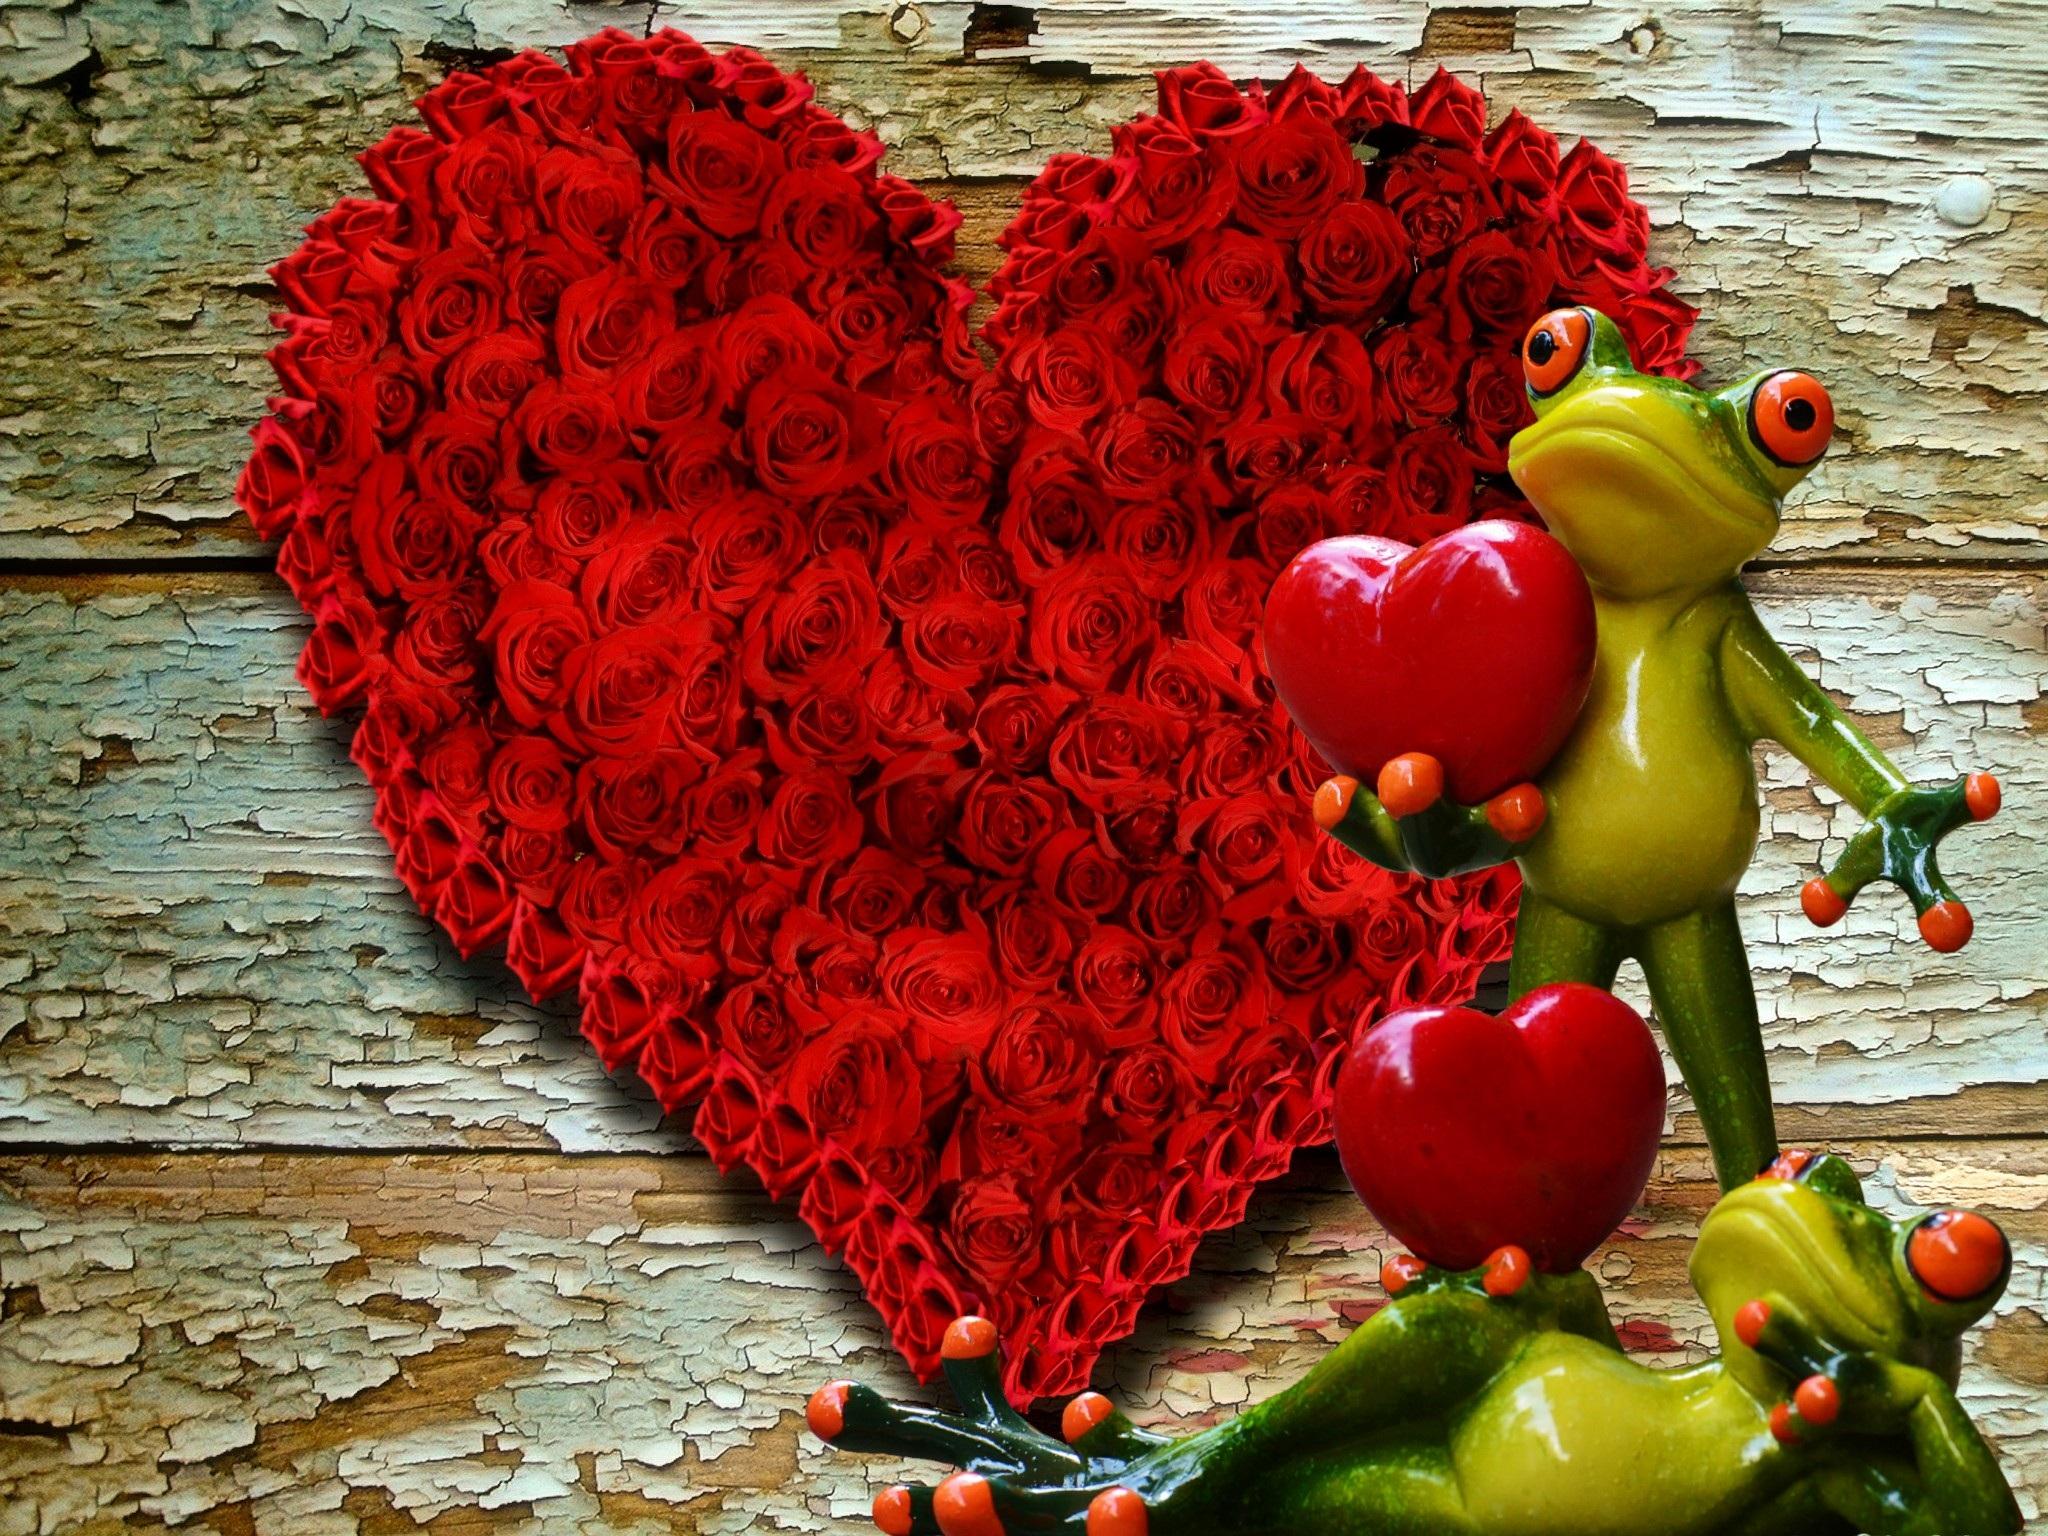 images gratuites feuille fleur mignonne amour c ur aliments rouge produire couleur l. Black Bedroom Furniture Sets. Home Design Ideas